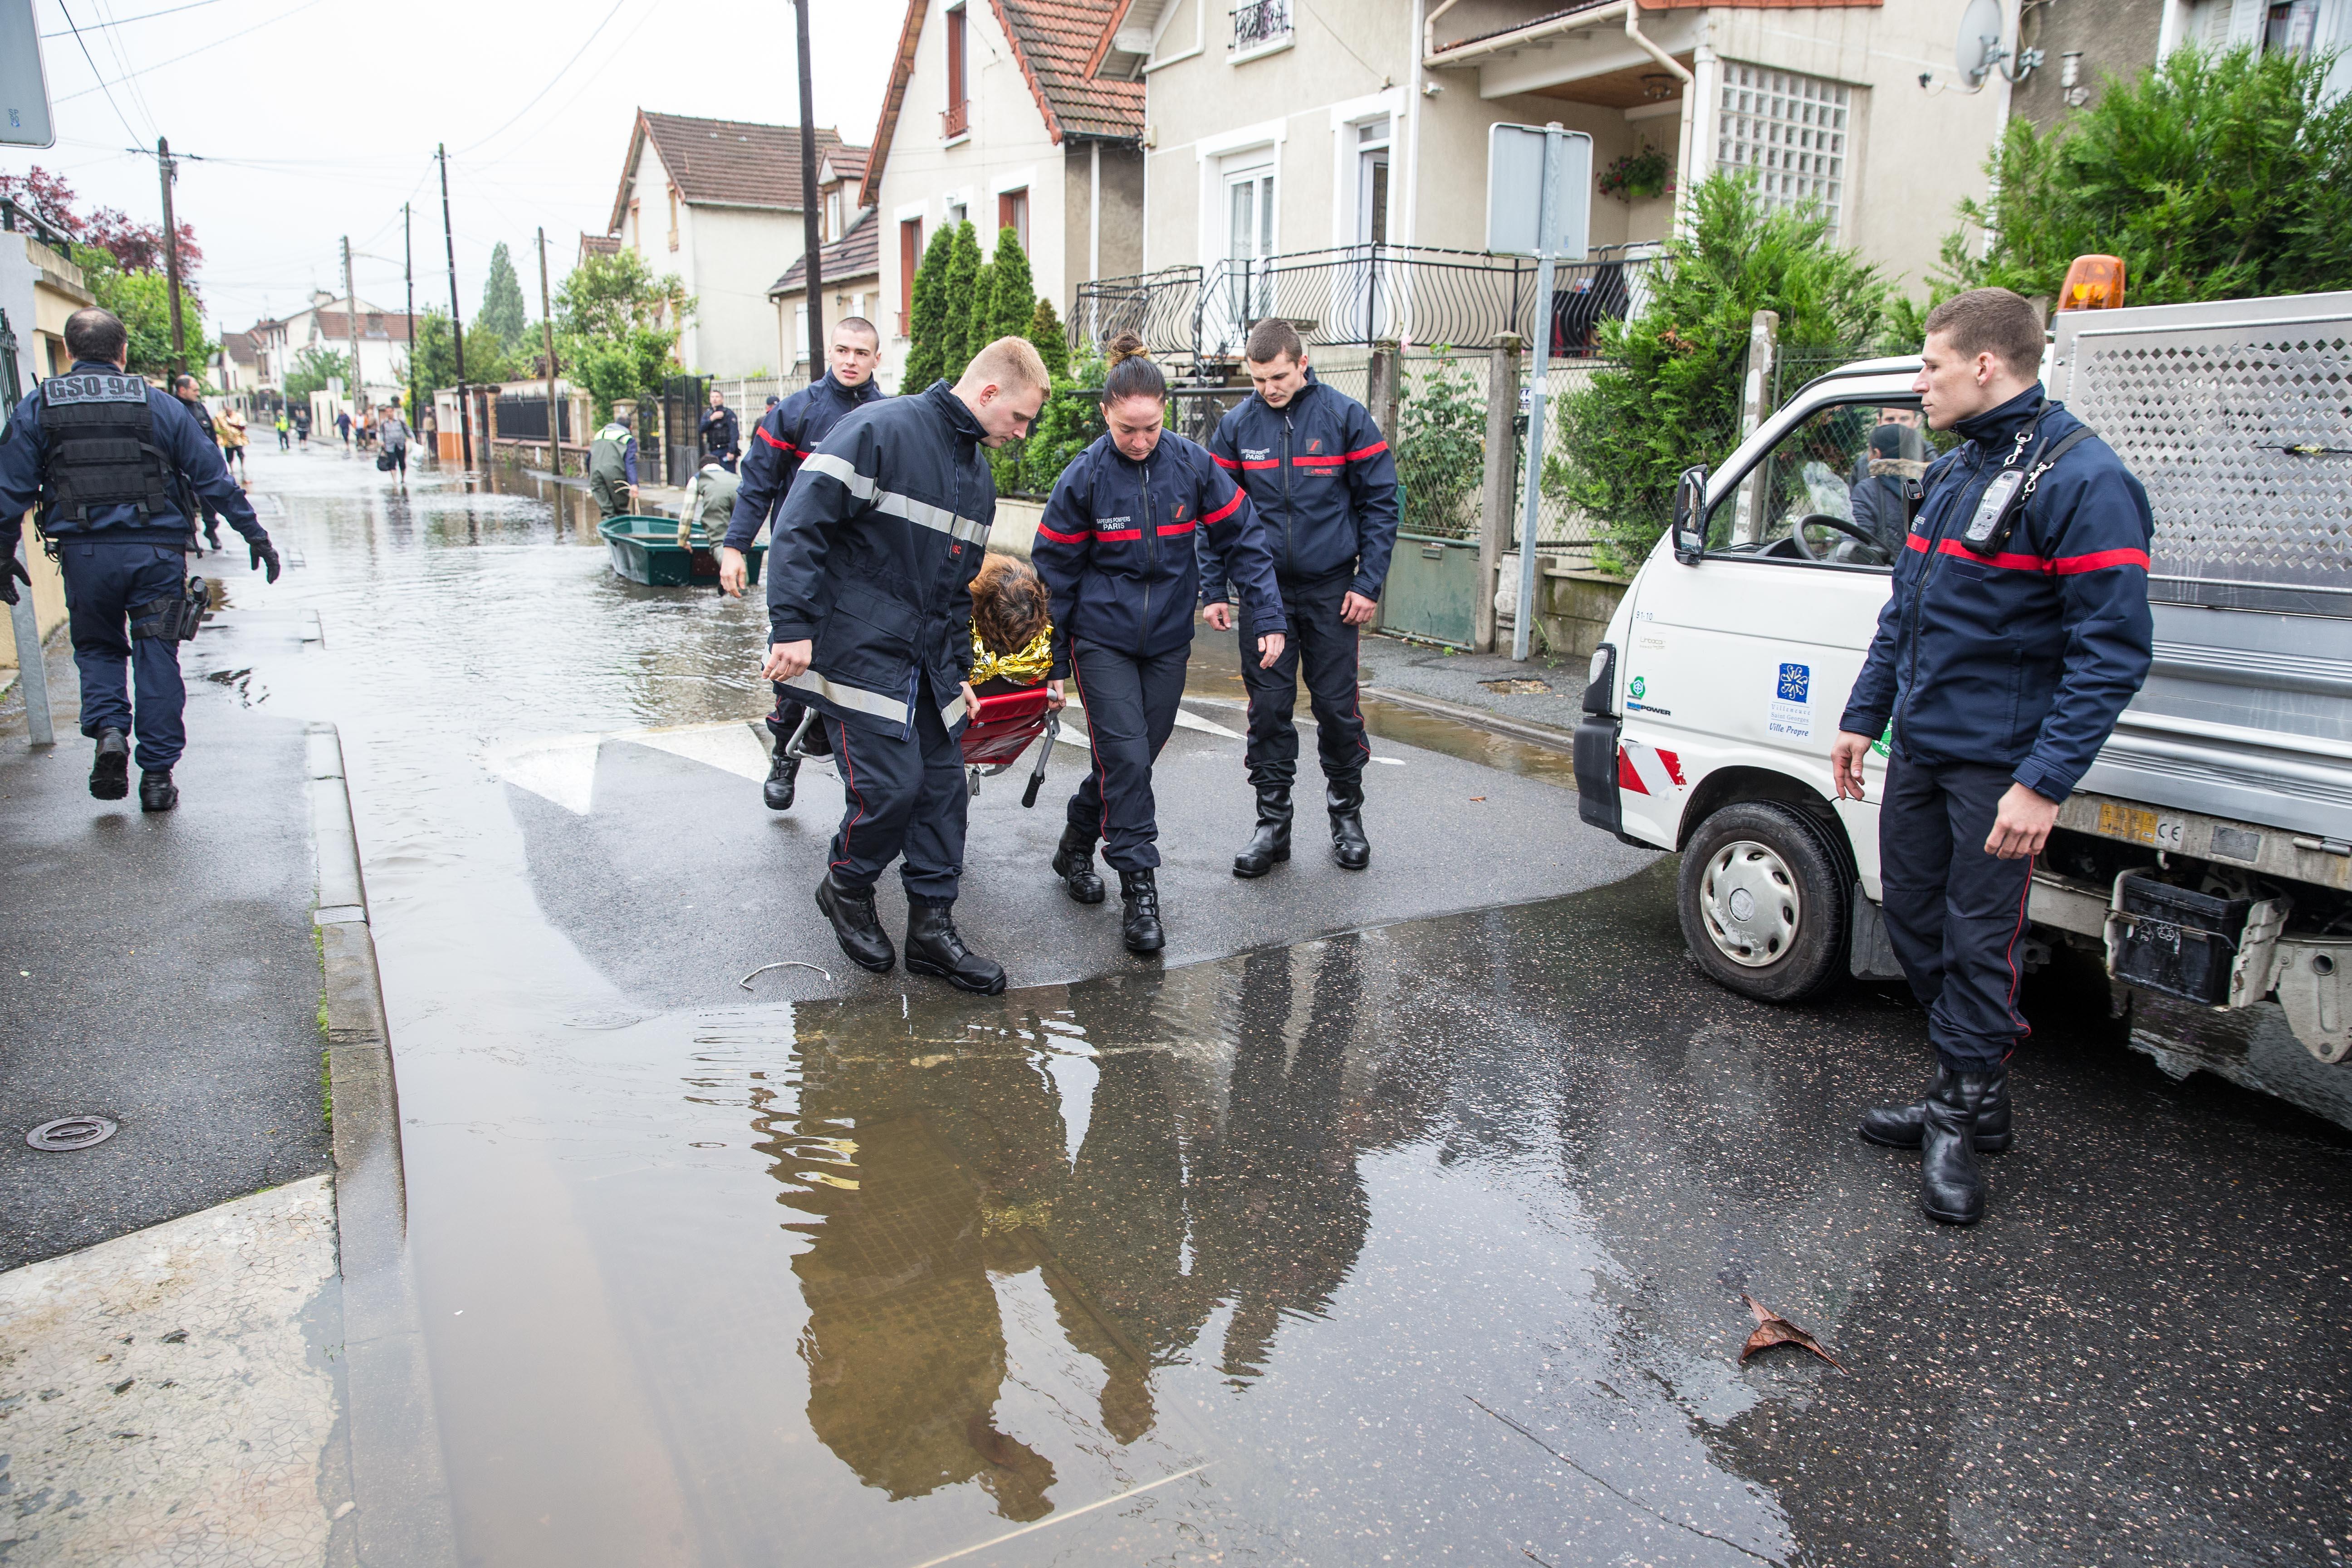 Pompiers de Paris Villeneuve Saint Georges Juin 2016 Photo Mickael Lefevre 12